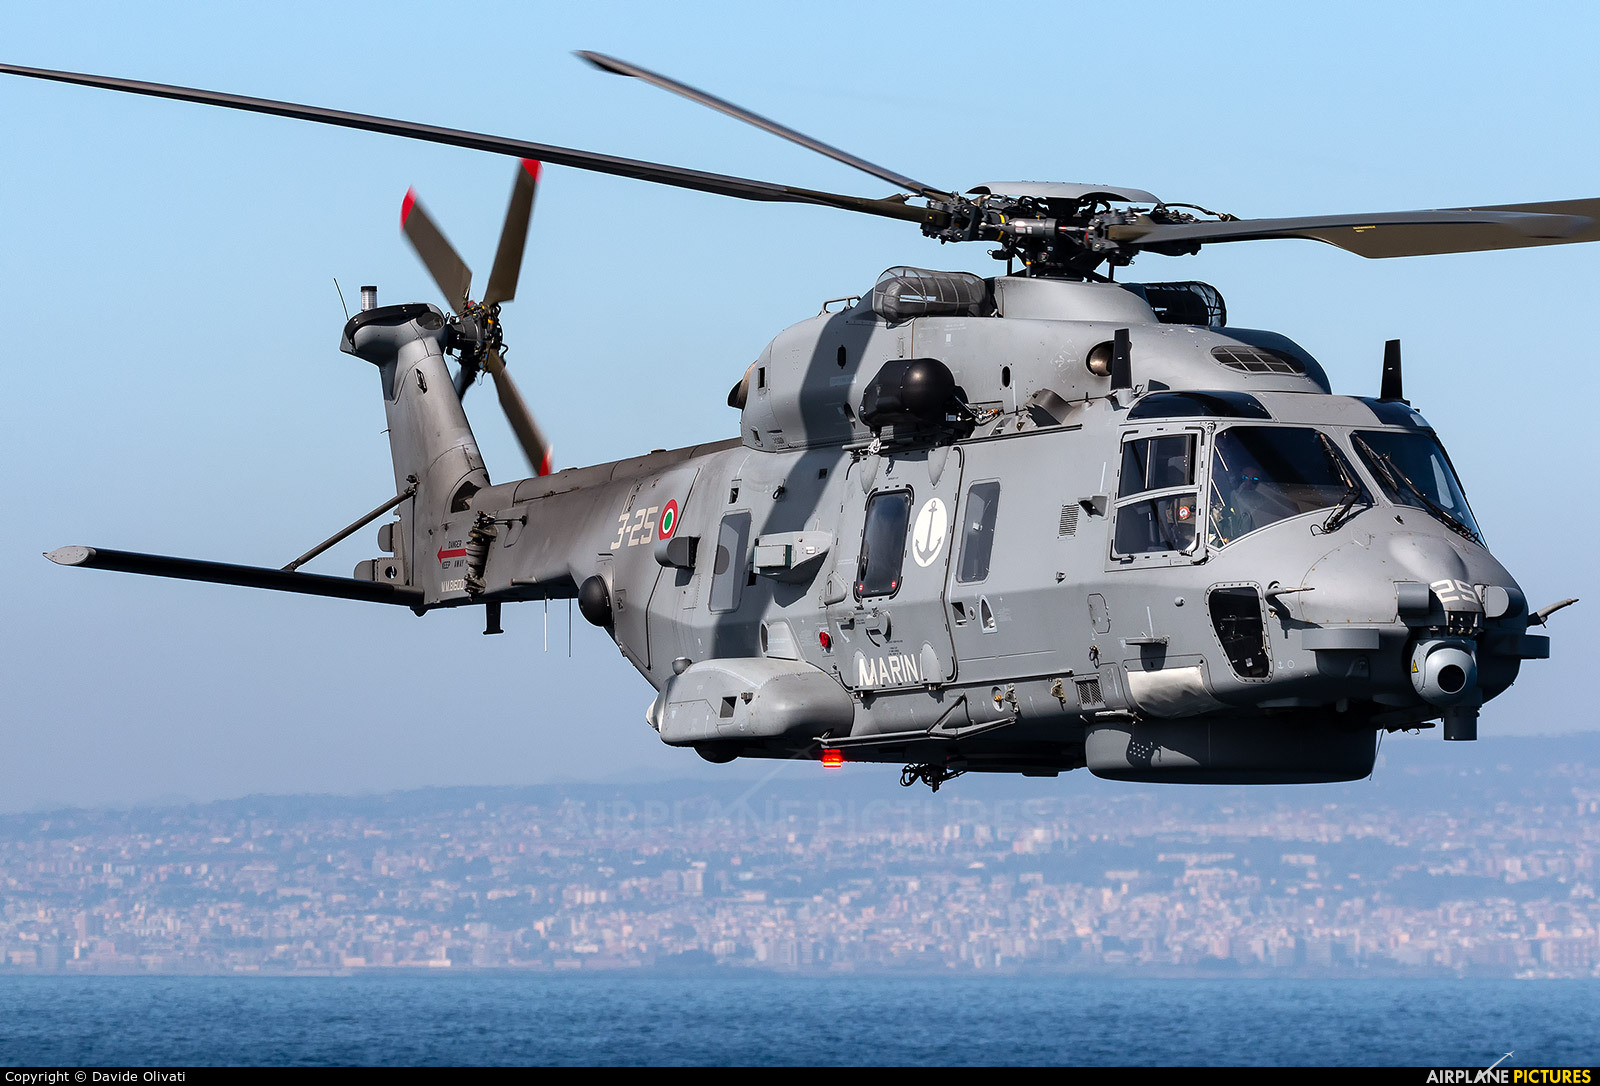 Italy - Navy MM81600 aircraft at Off Airport - Italy